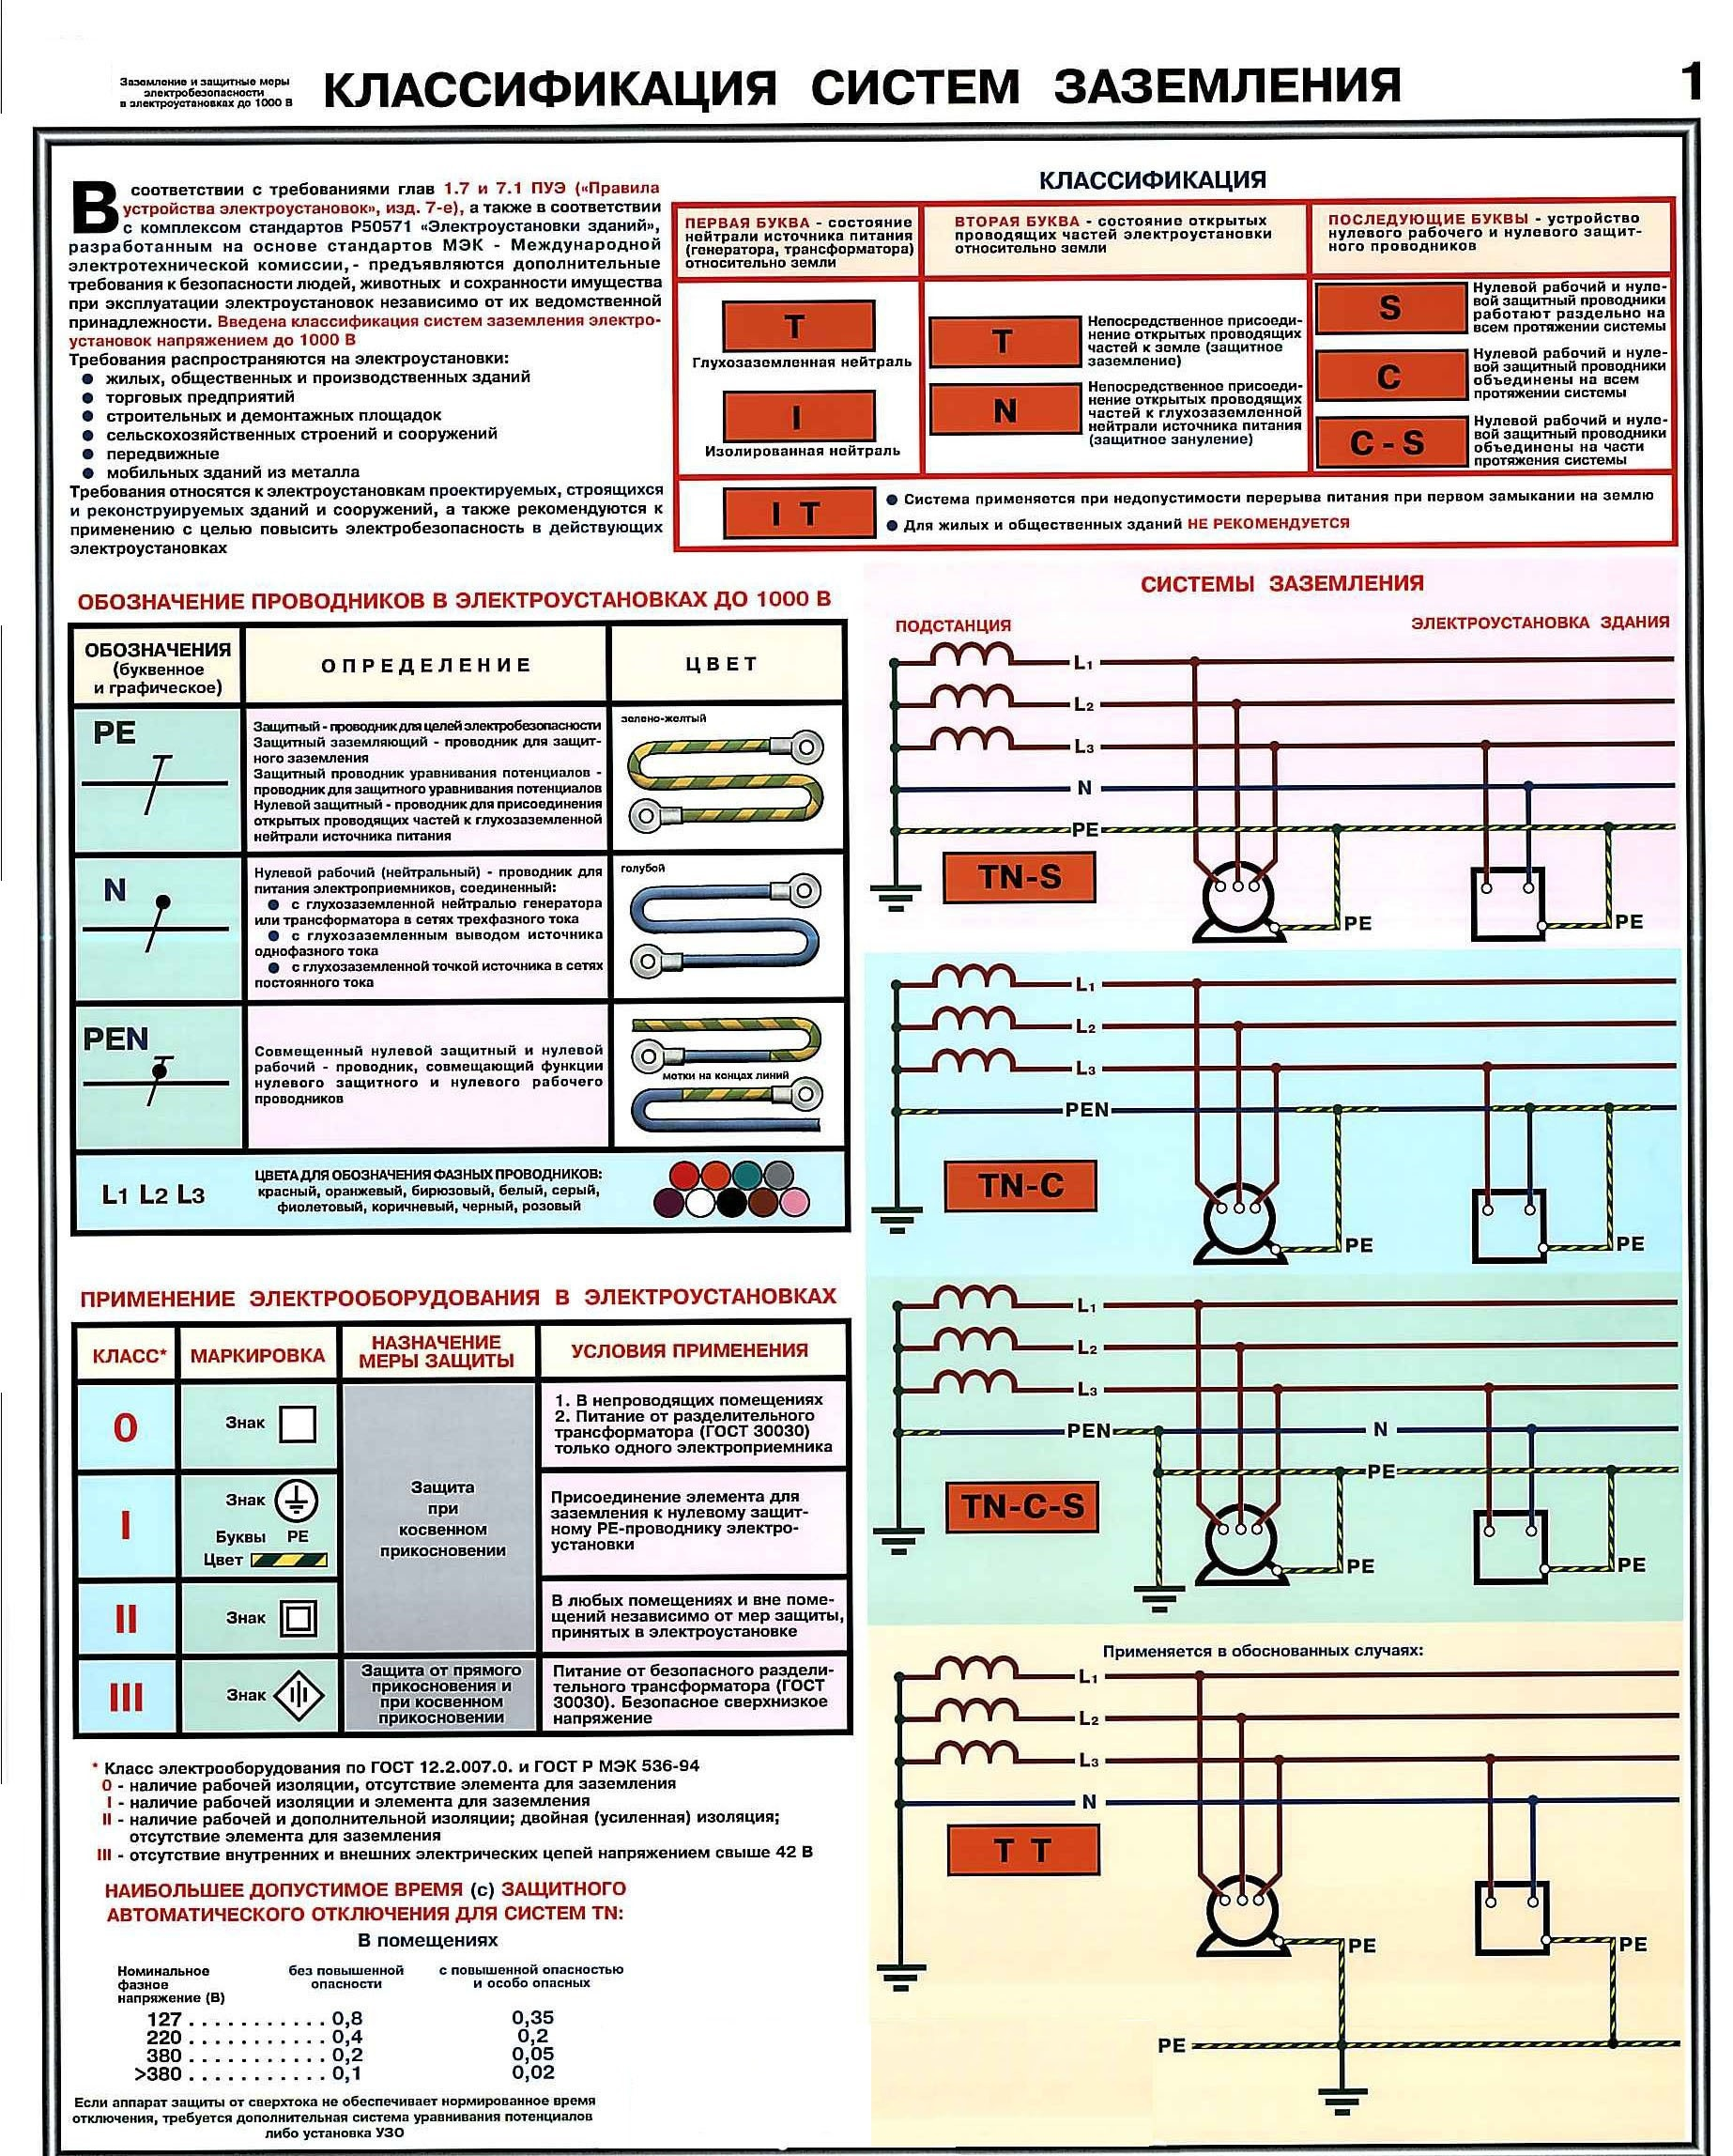 Требования к изоляции бытовых и промышленных выключателей